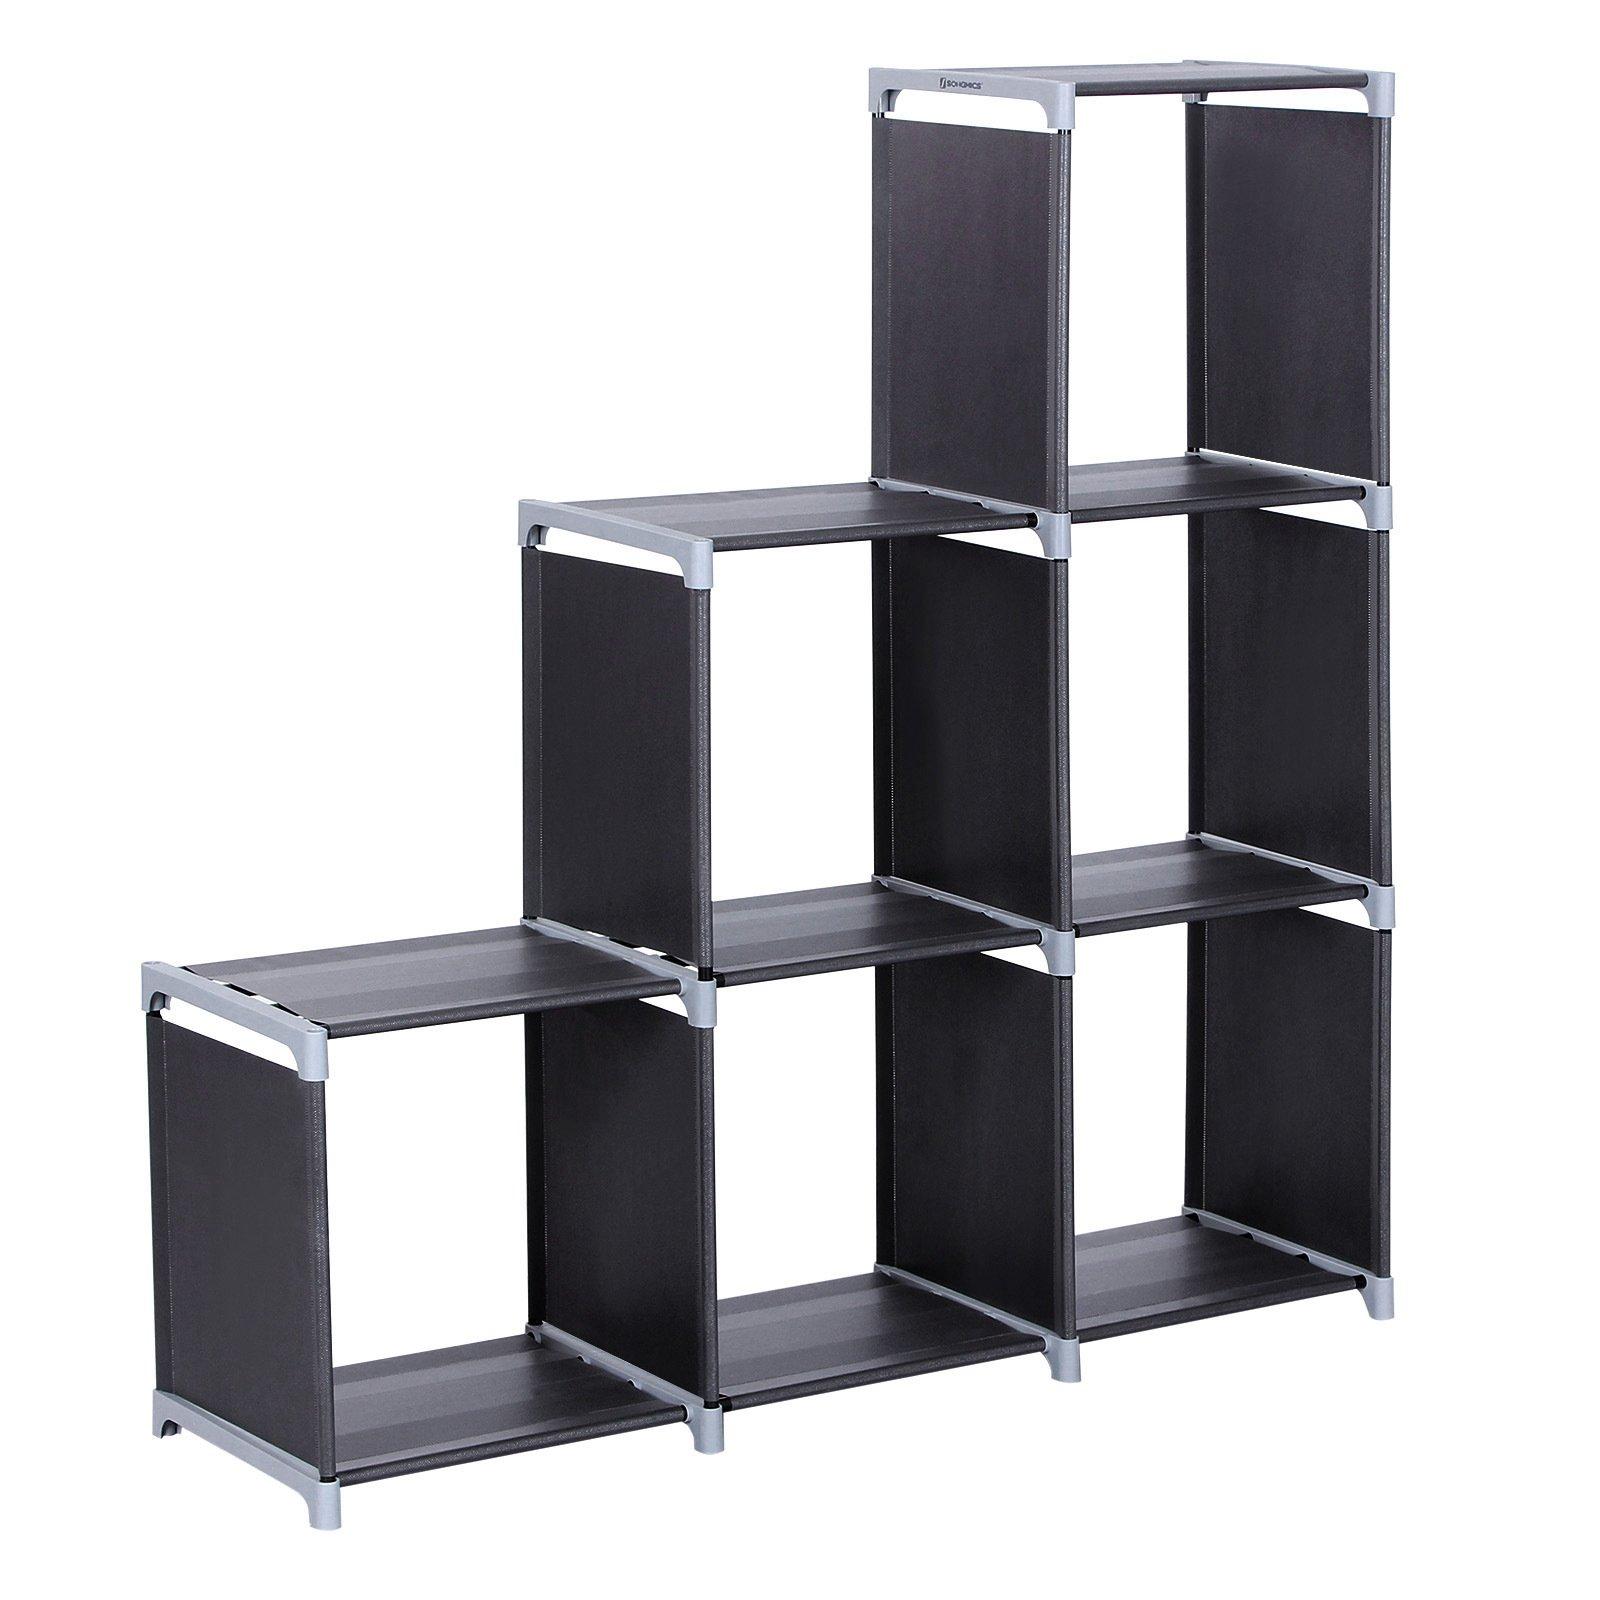 SONGMICS Organizador Multifuncional Estantería Librería de 3 Niveles 6 Cubos almacenaje 110 x 32 x 106